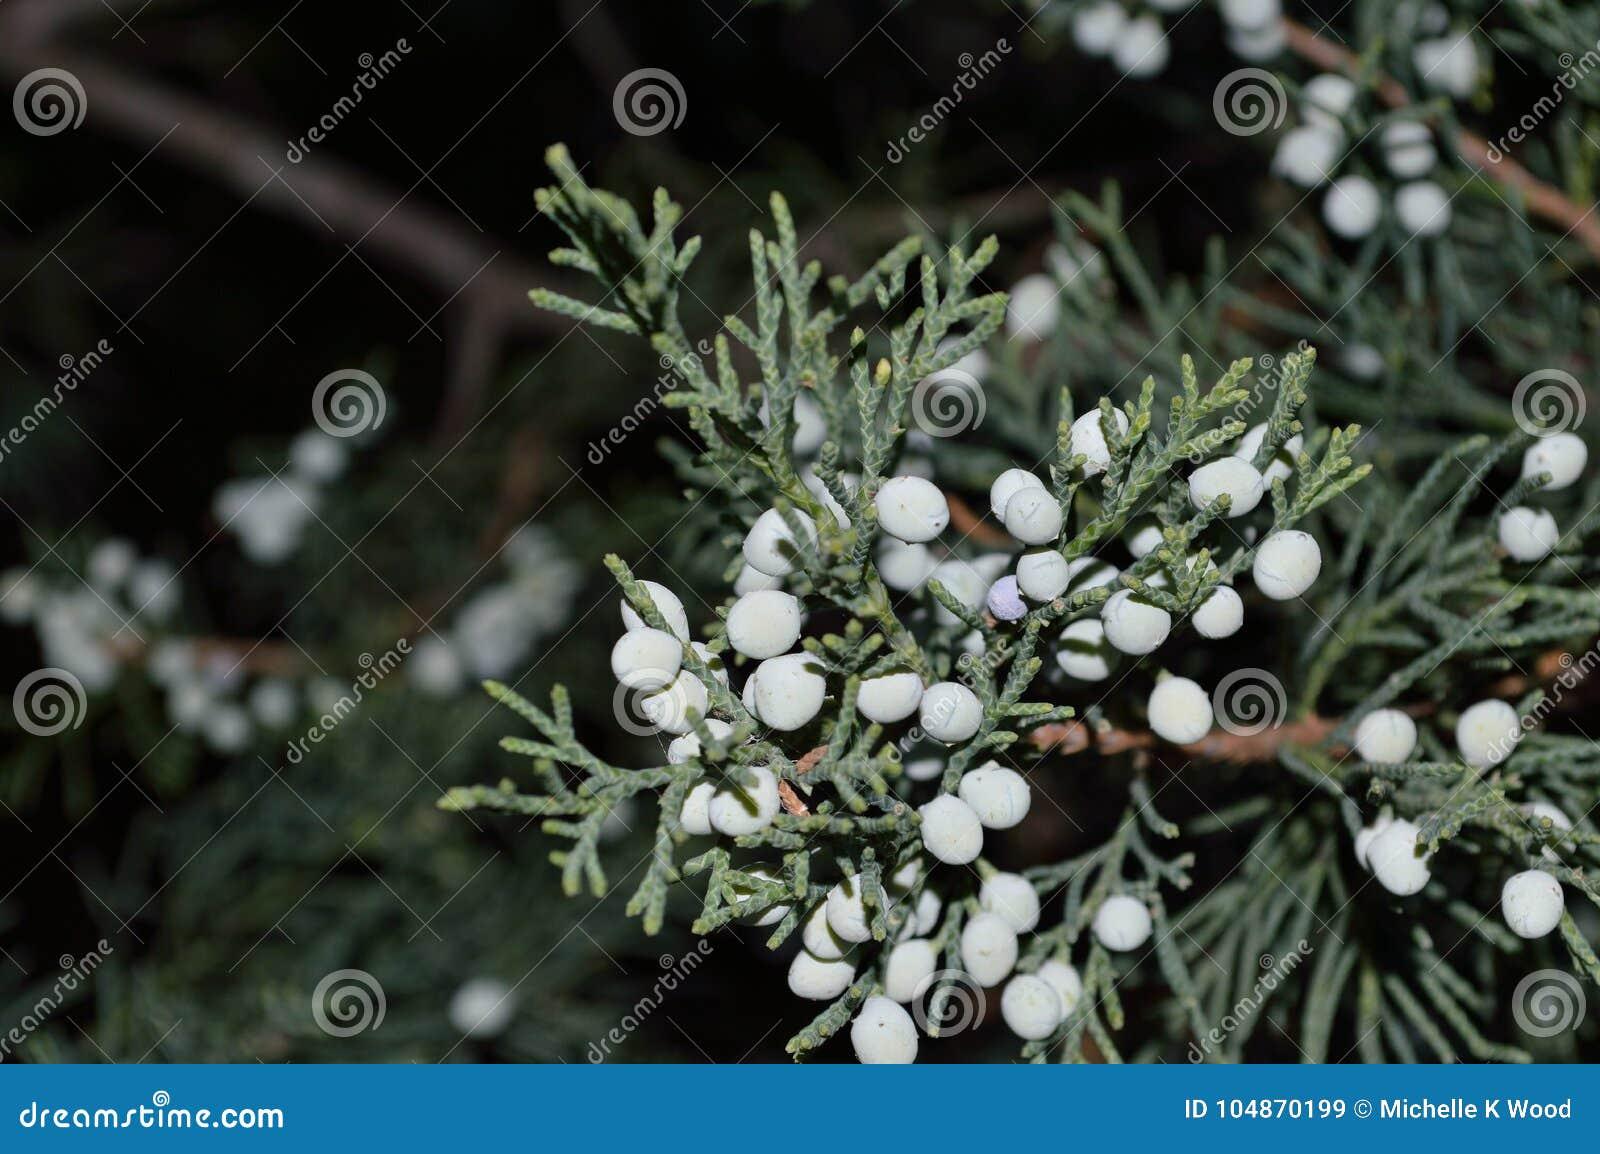 Juniper berries L Juniperus closeup